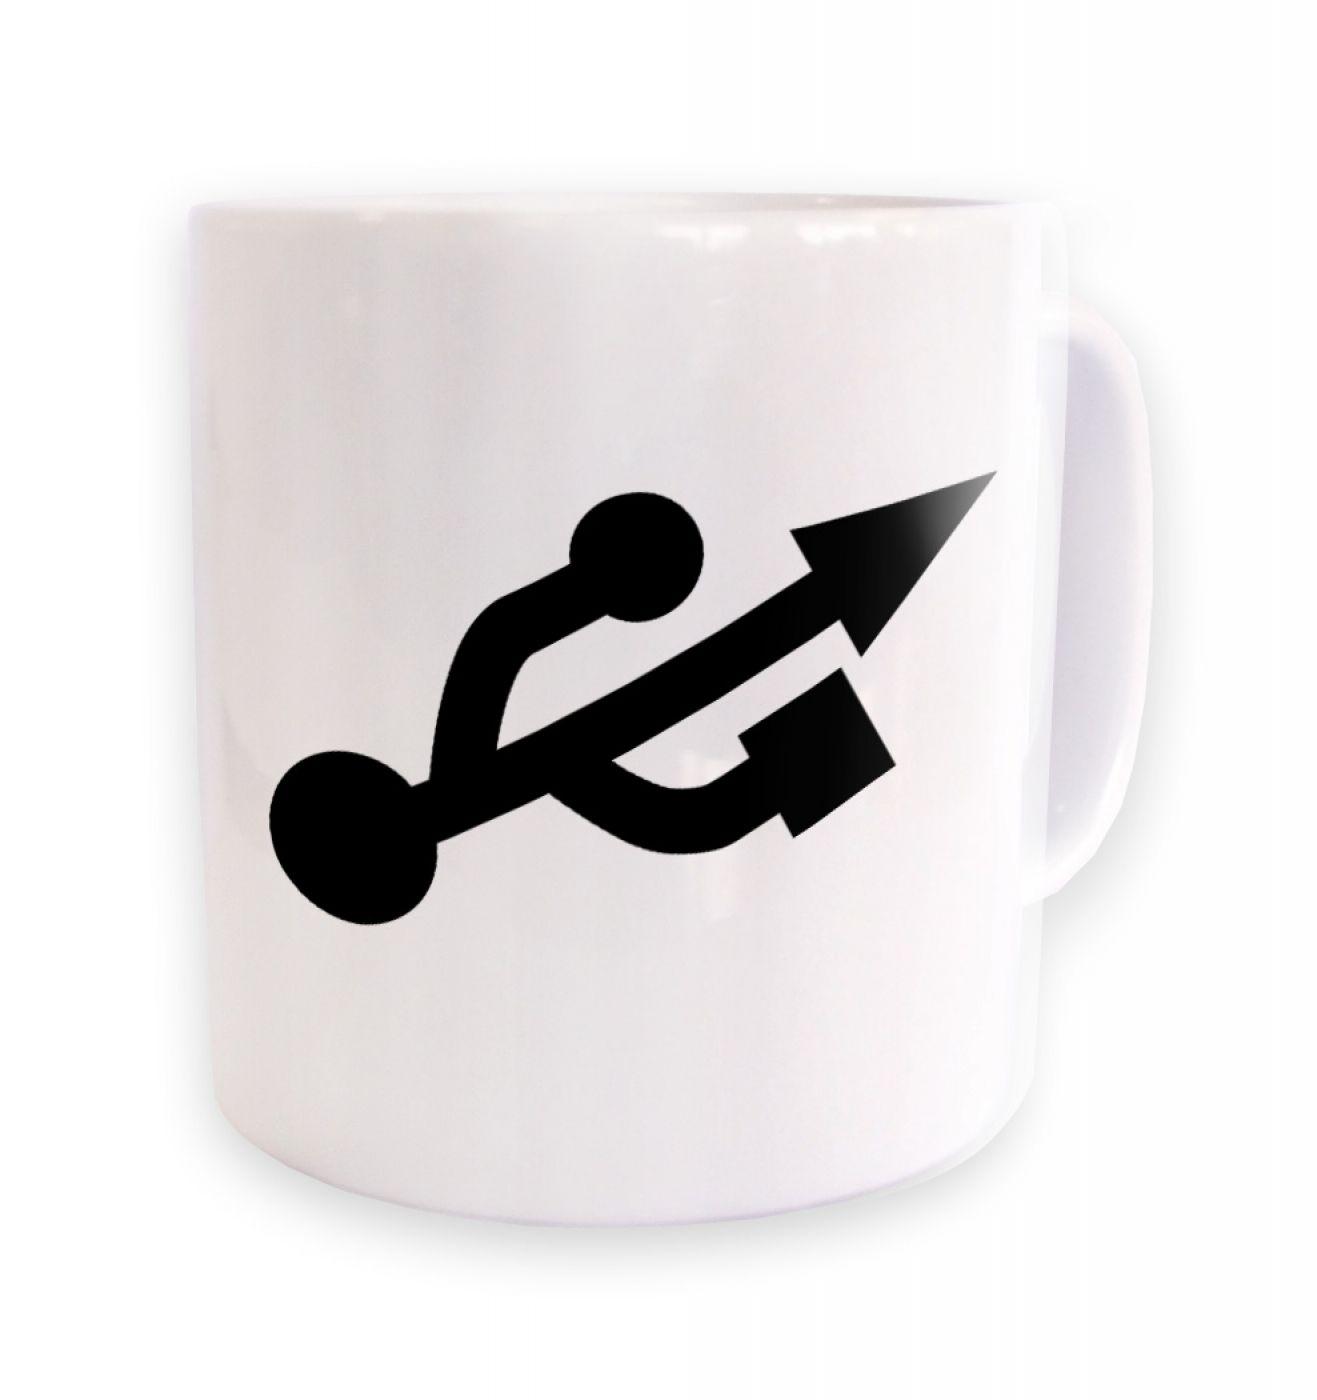 USB Universal Serial Bus symbol mug